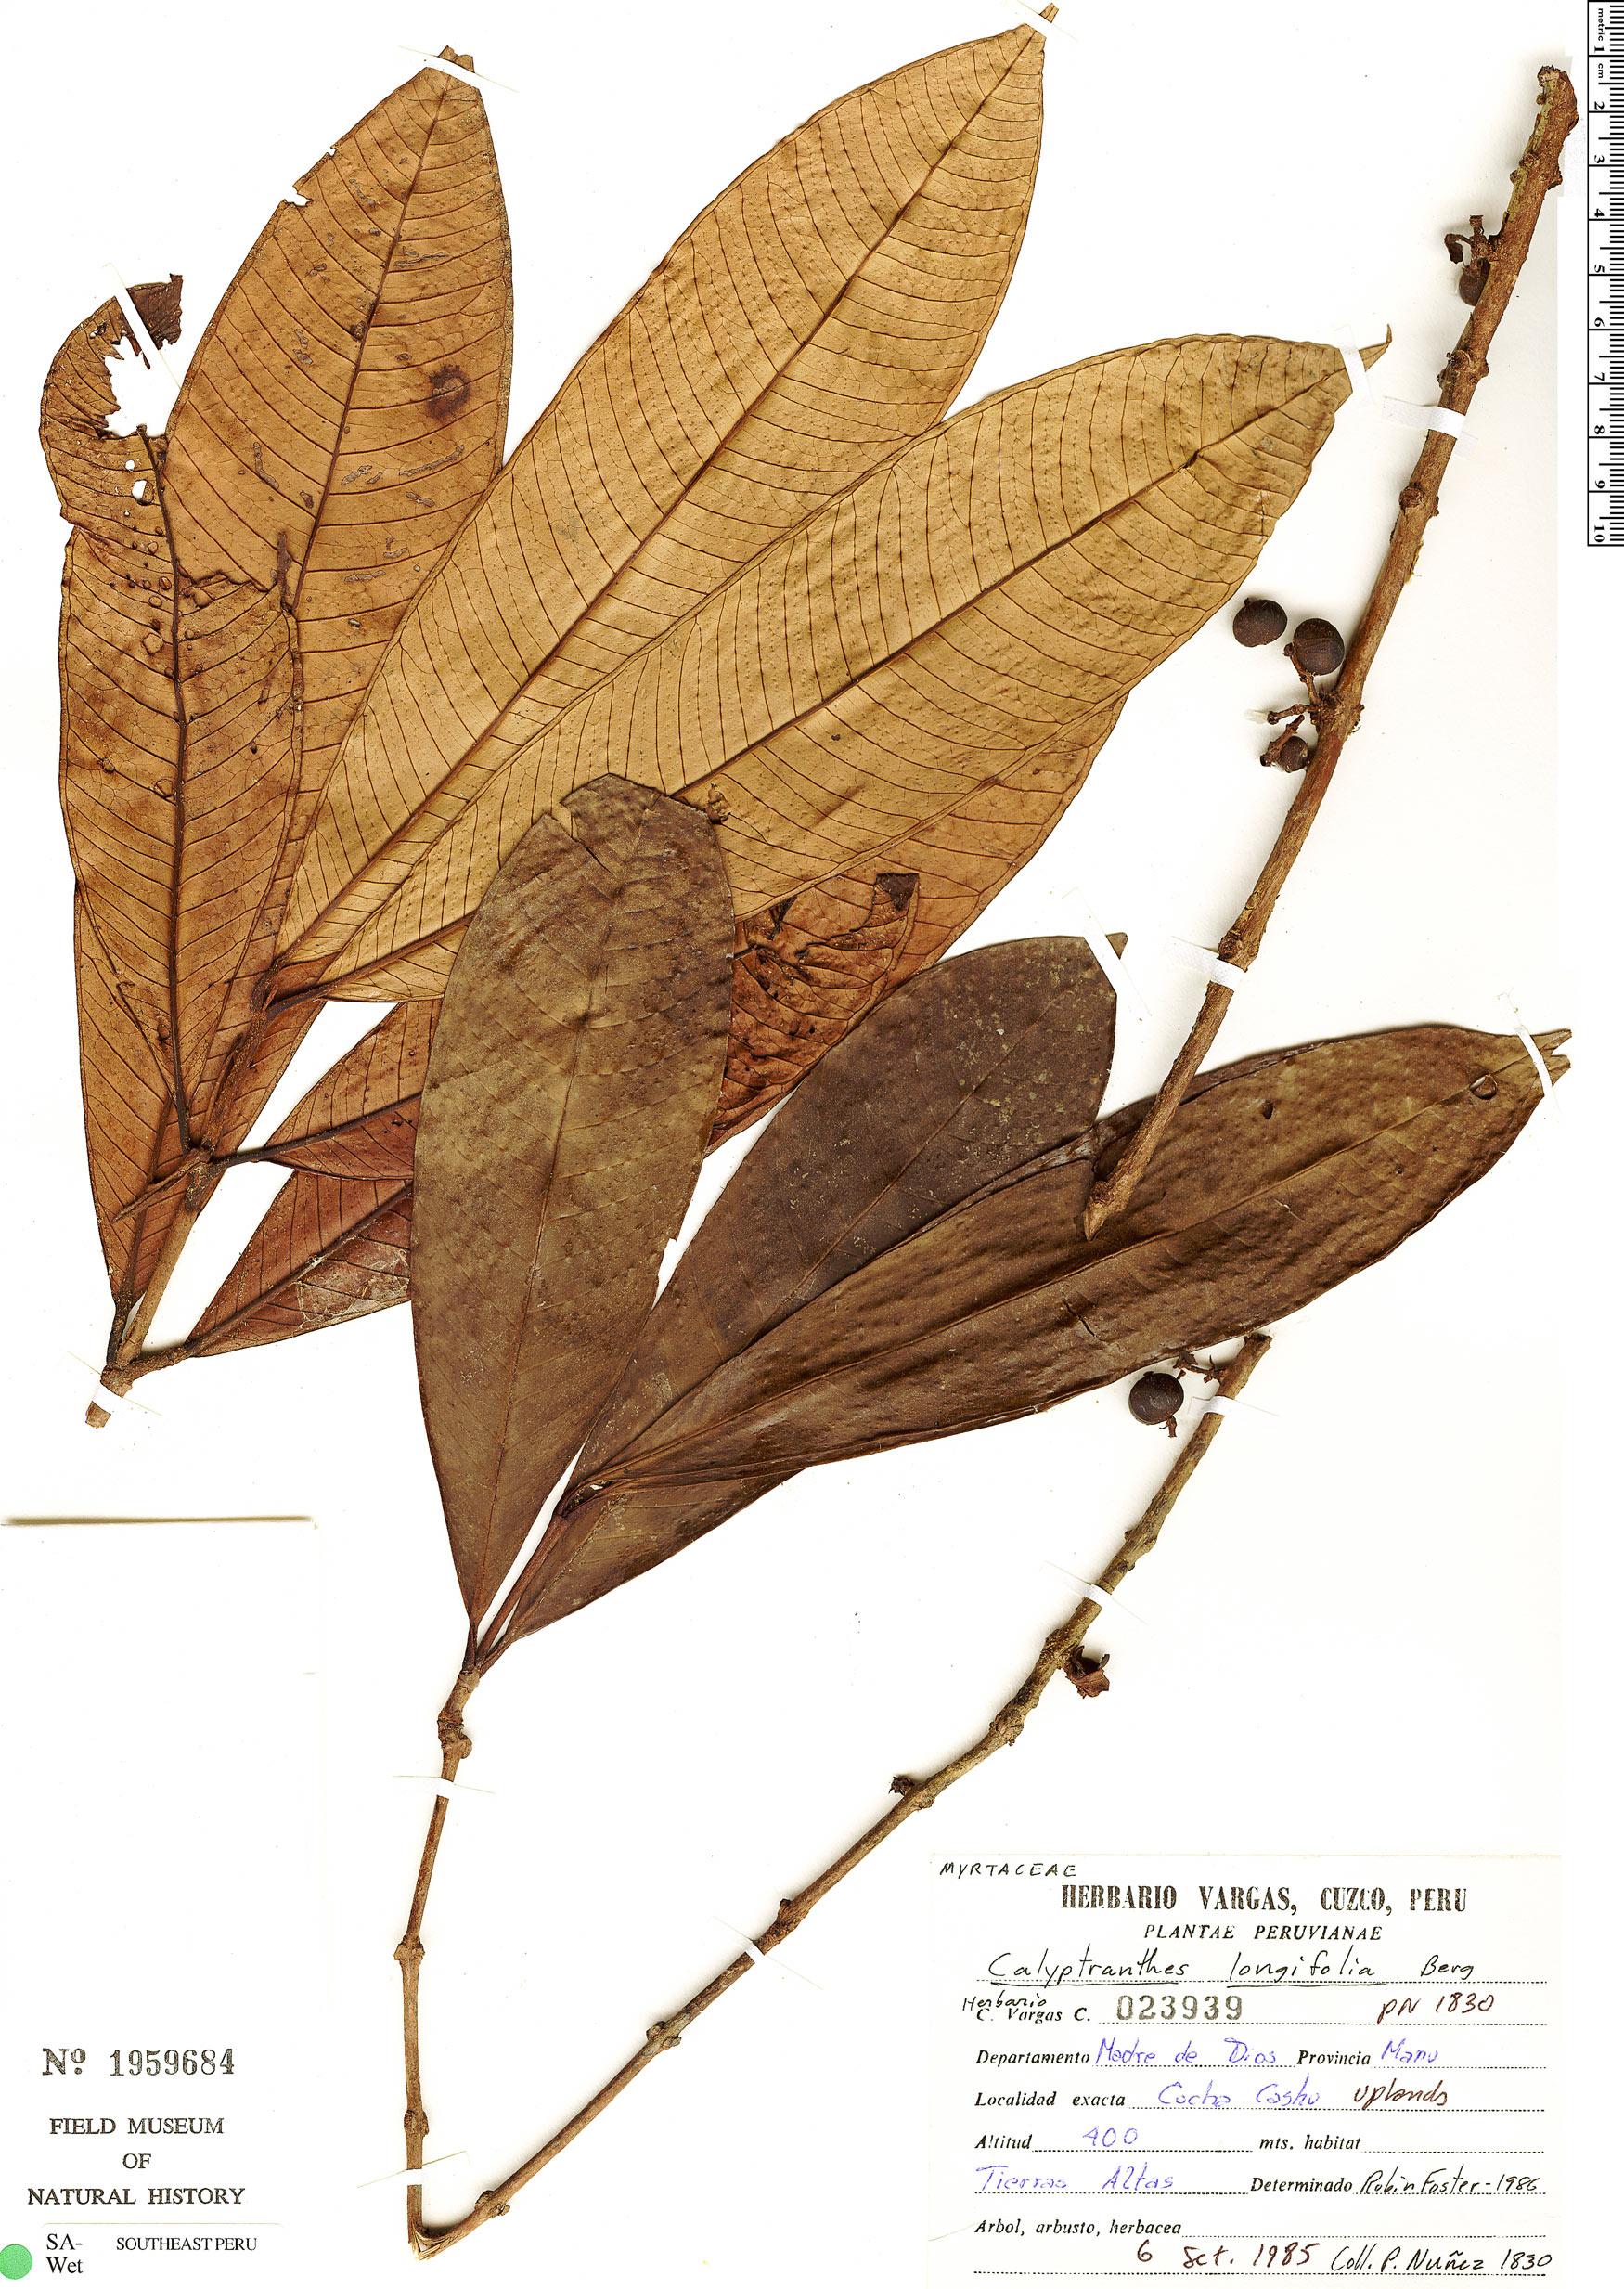 Specimen: Calyptranthes longifolia